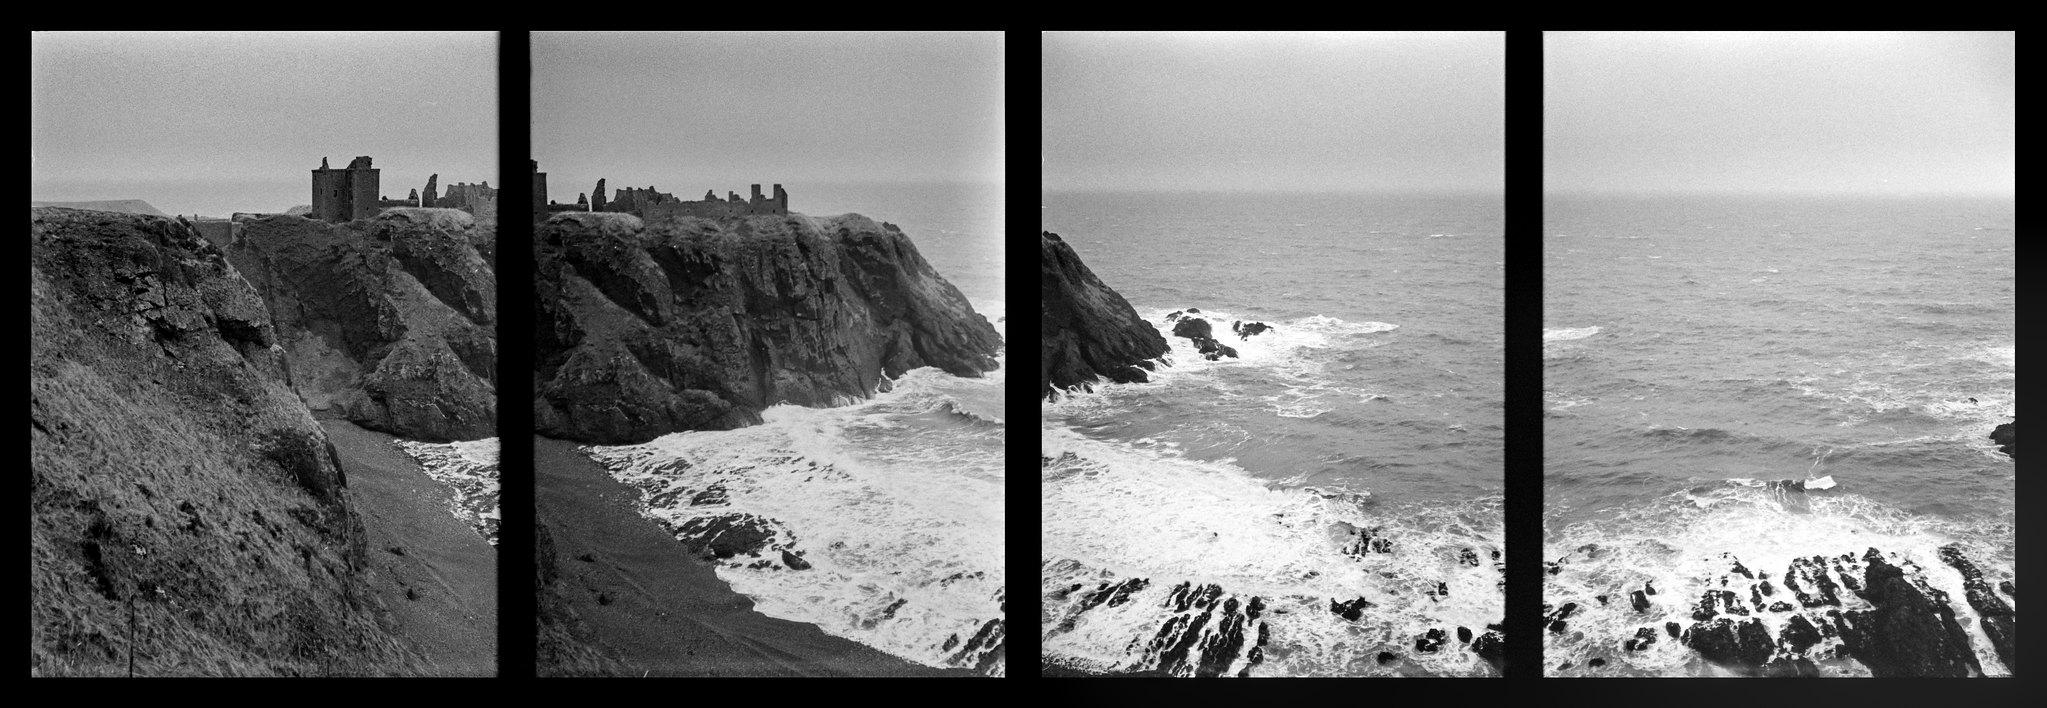 Dunottar Half Frame Panorama 1 of 2